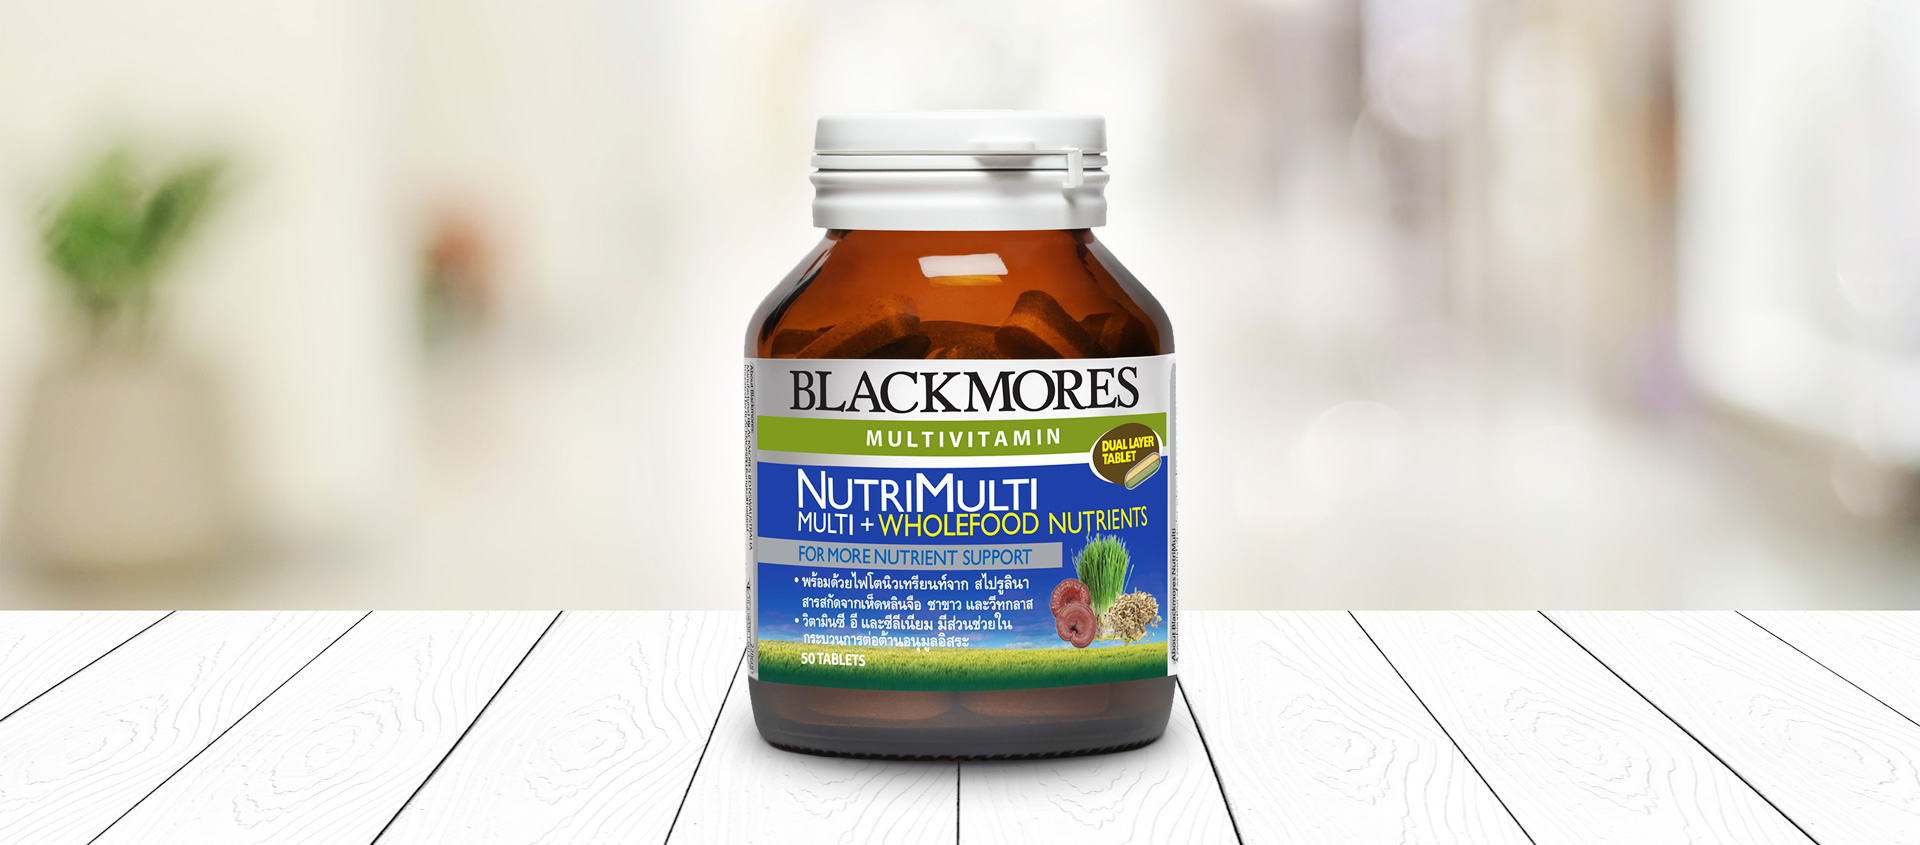 Blackmores NutriMulti แบลคมอร์ส นิวทริมัลติ (ผลิตภัณฑ์เสริมอาหาร)